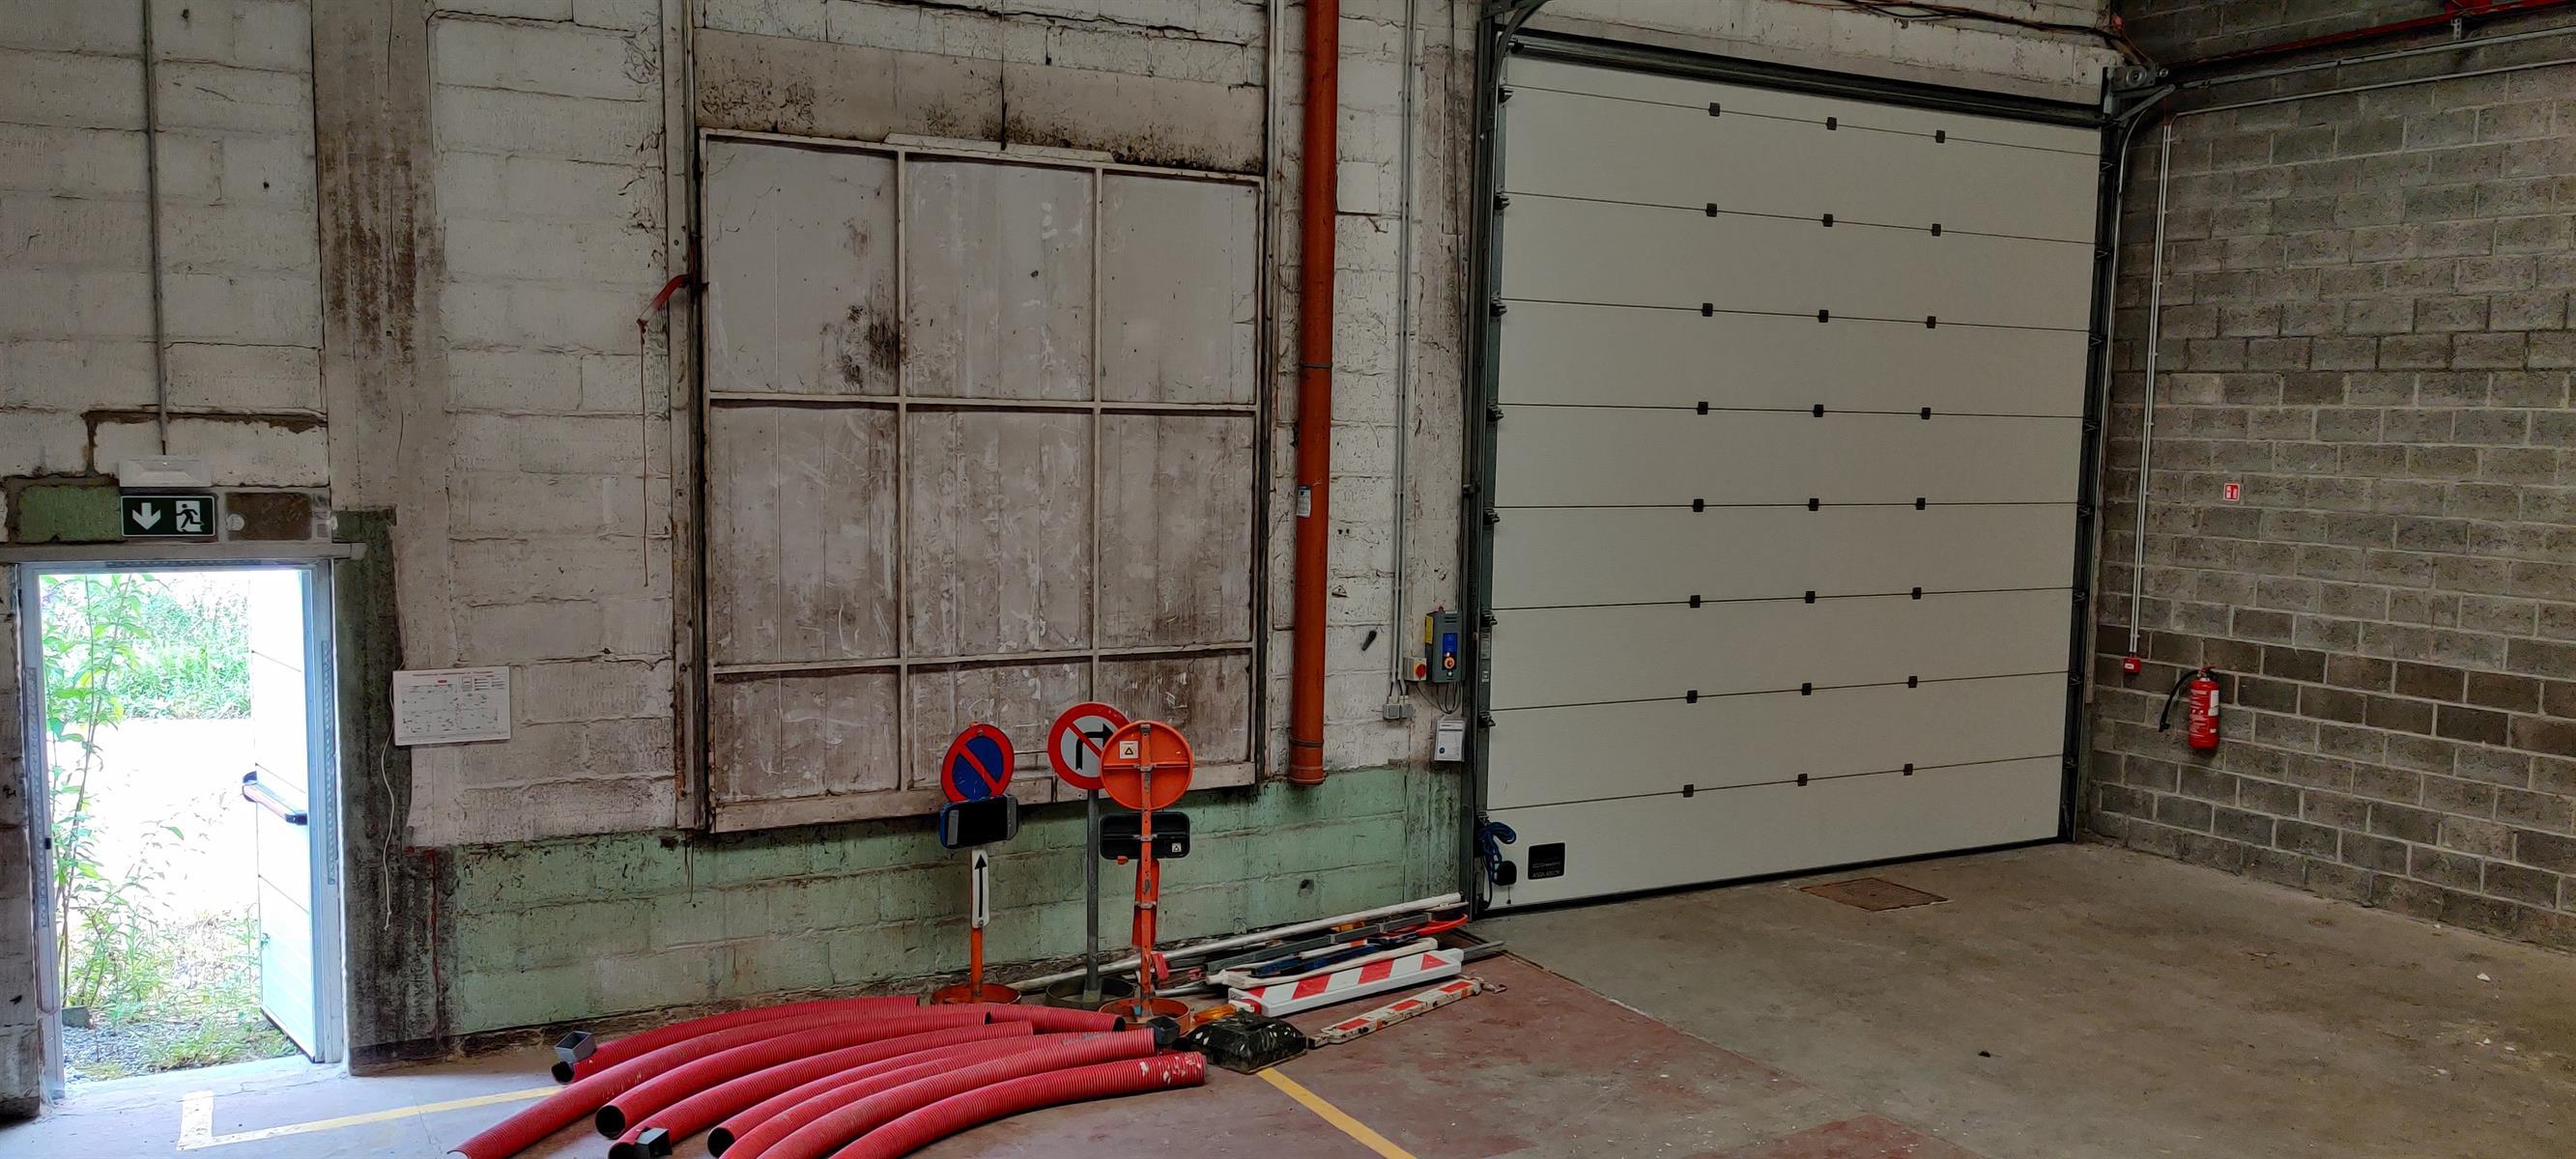 gebouw voor gemengd gebruik te huur I158 - Lumbeekstraat 38, 1700 Dilbeek Sint-Ulriks-Kapelle, België 10